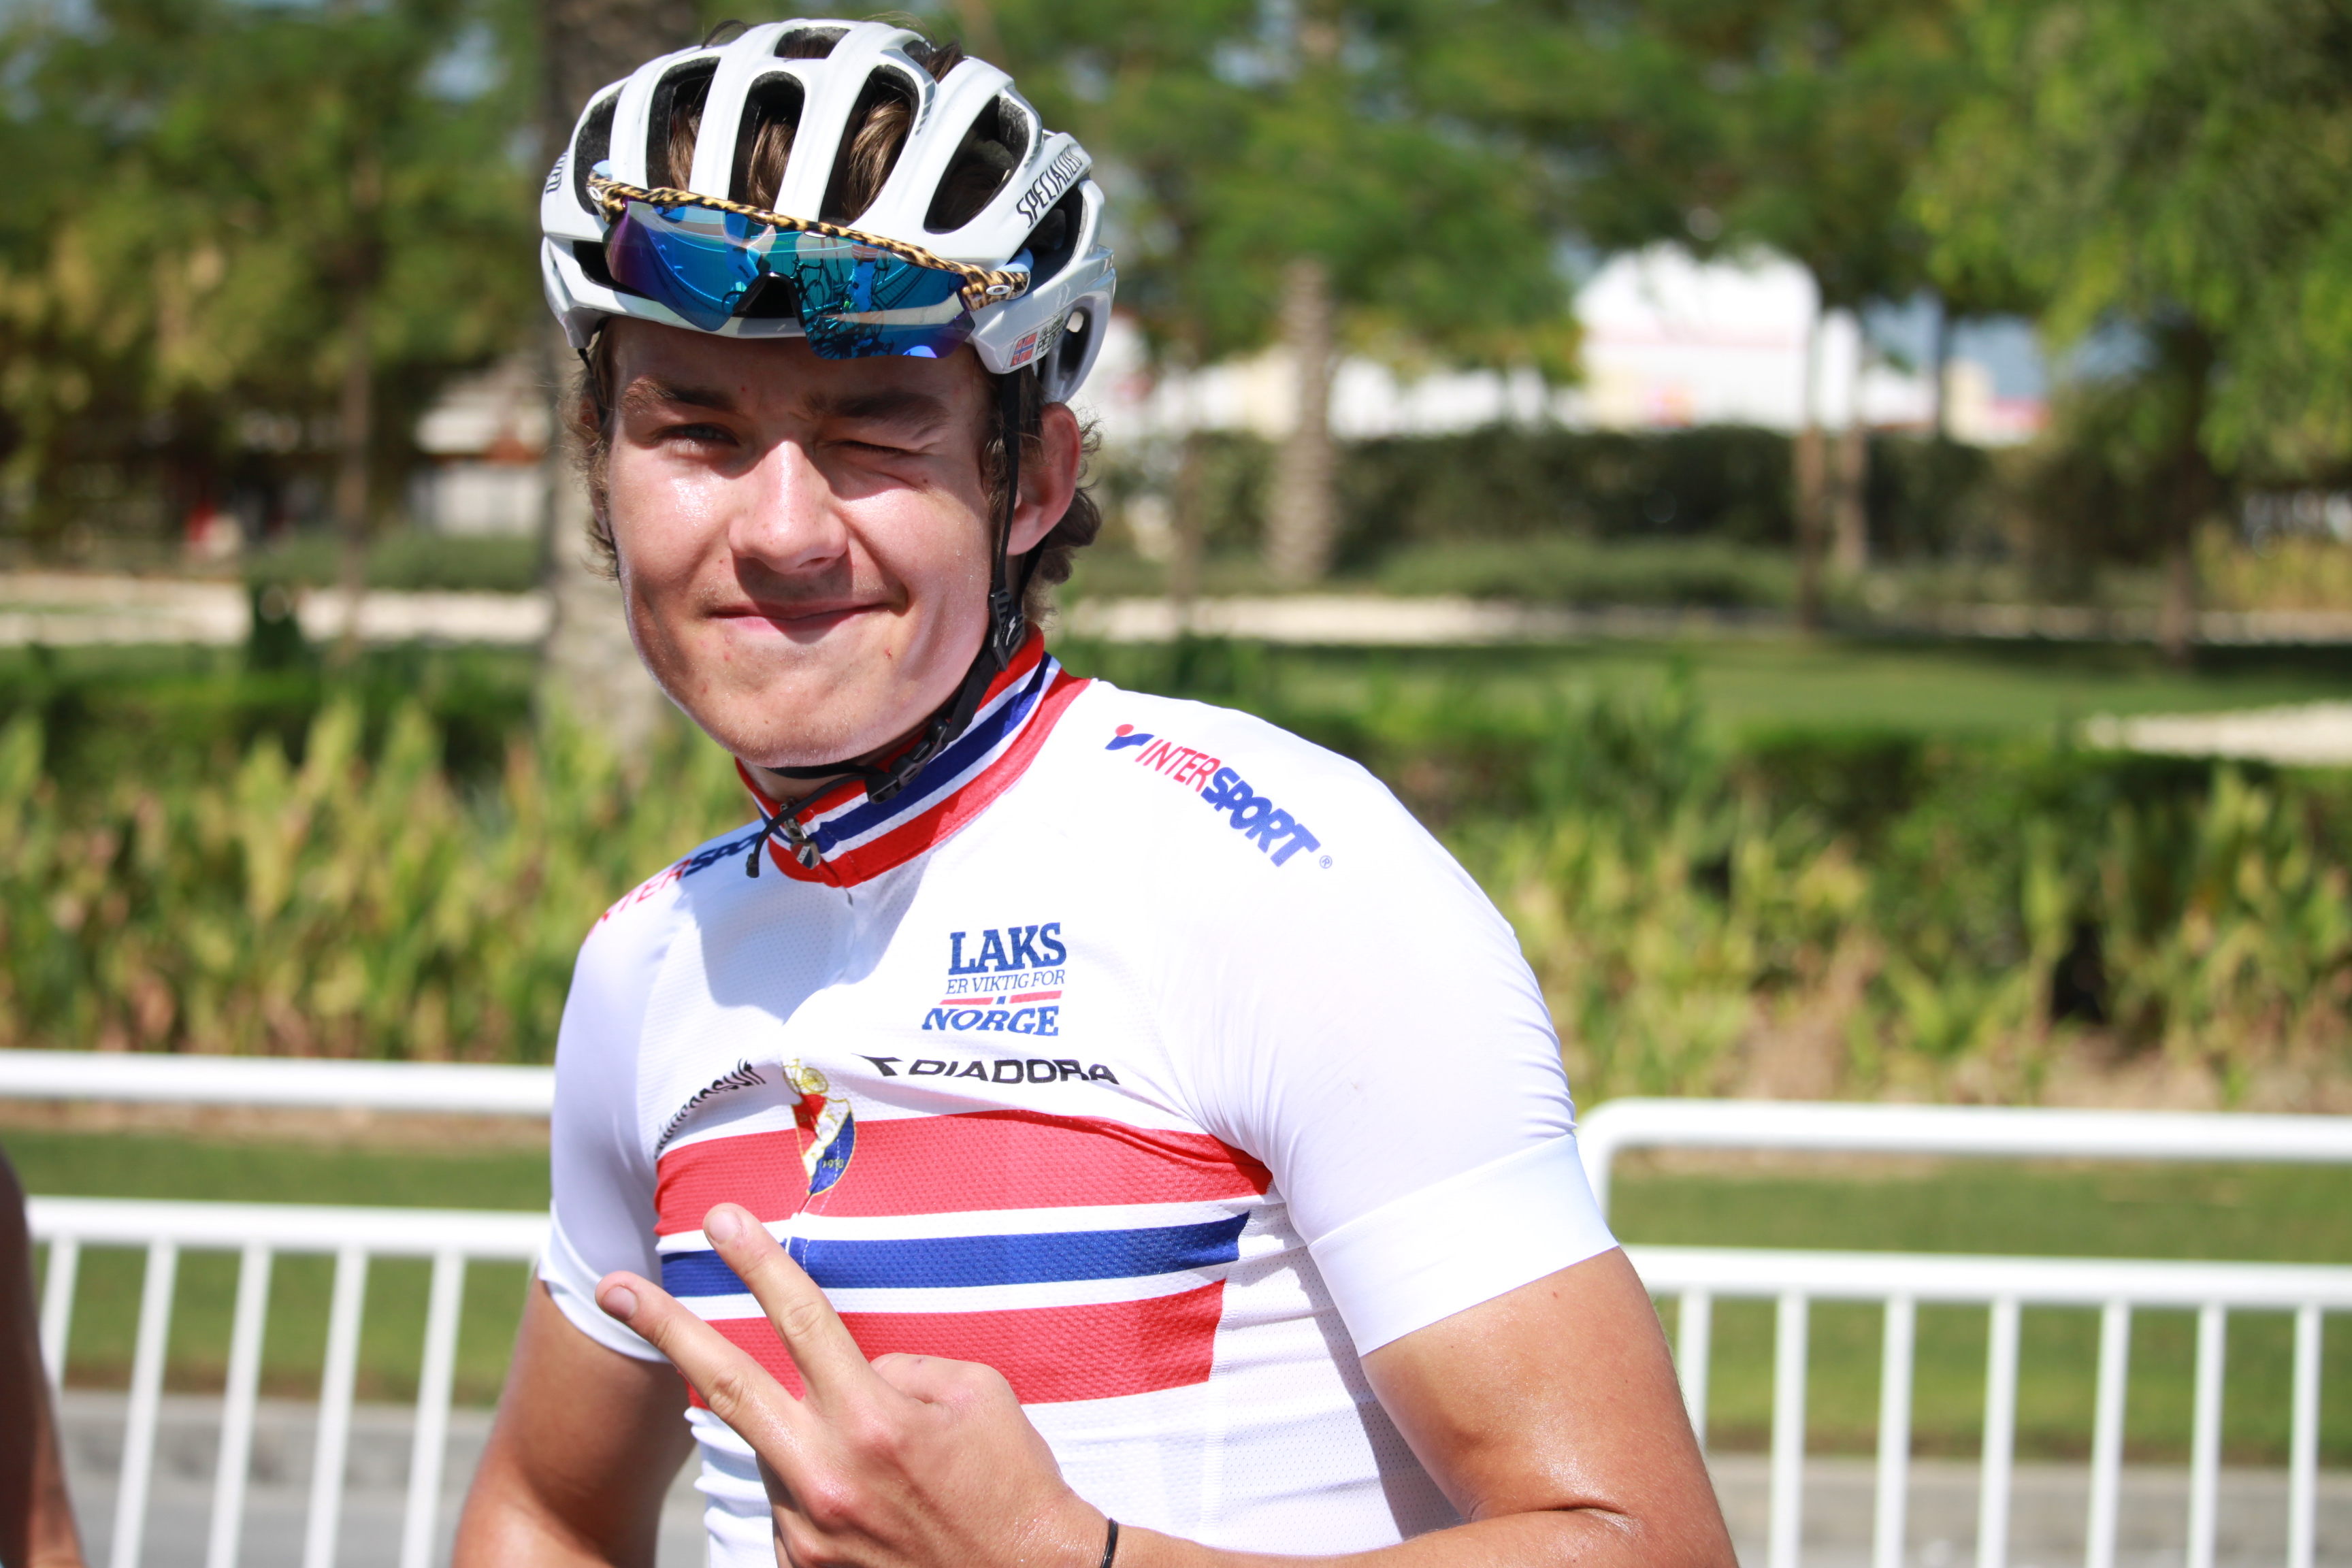 EN AV DEM SOM GLAPP: Sedrik Ullebø fortsetter ikke karrieren i Coop, men på Ringerike. Foto: Mælhum/Norges Cykleforbund